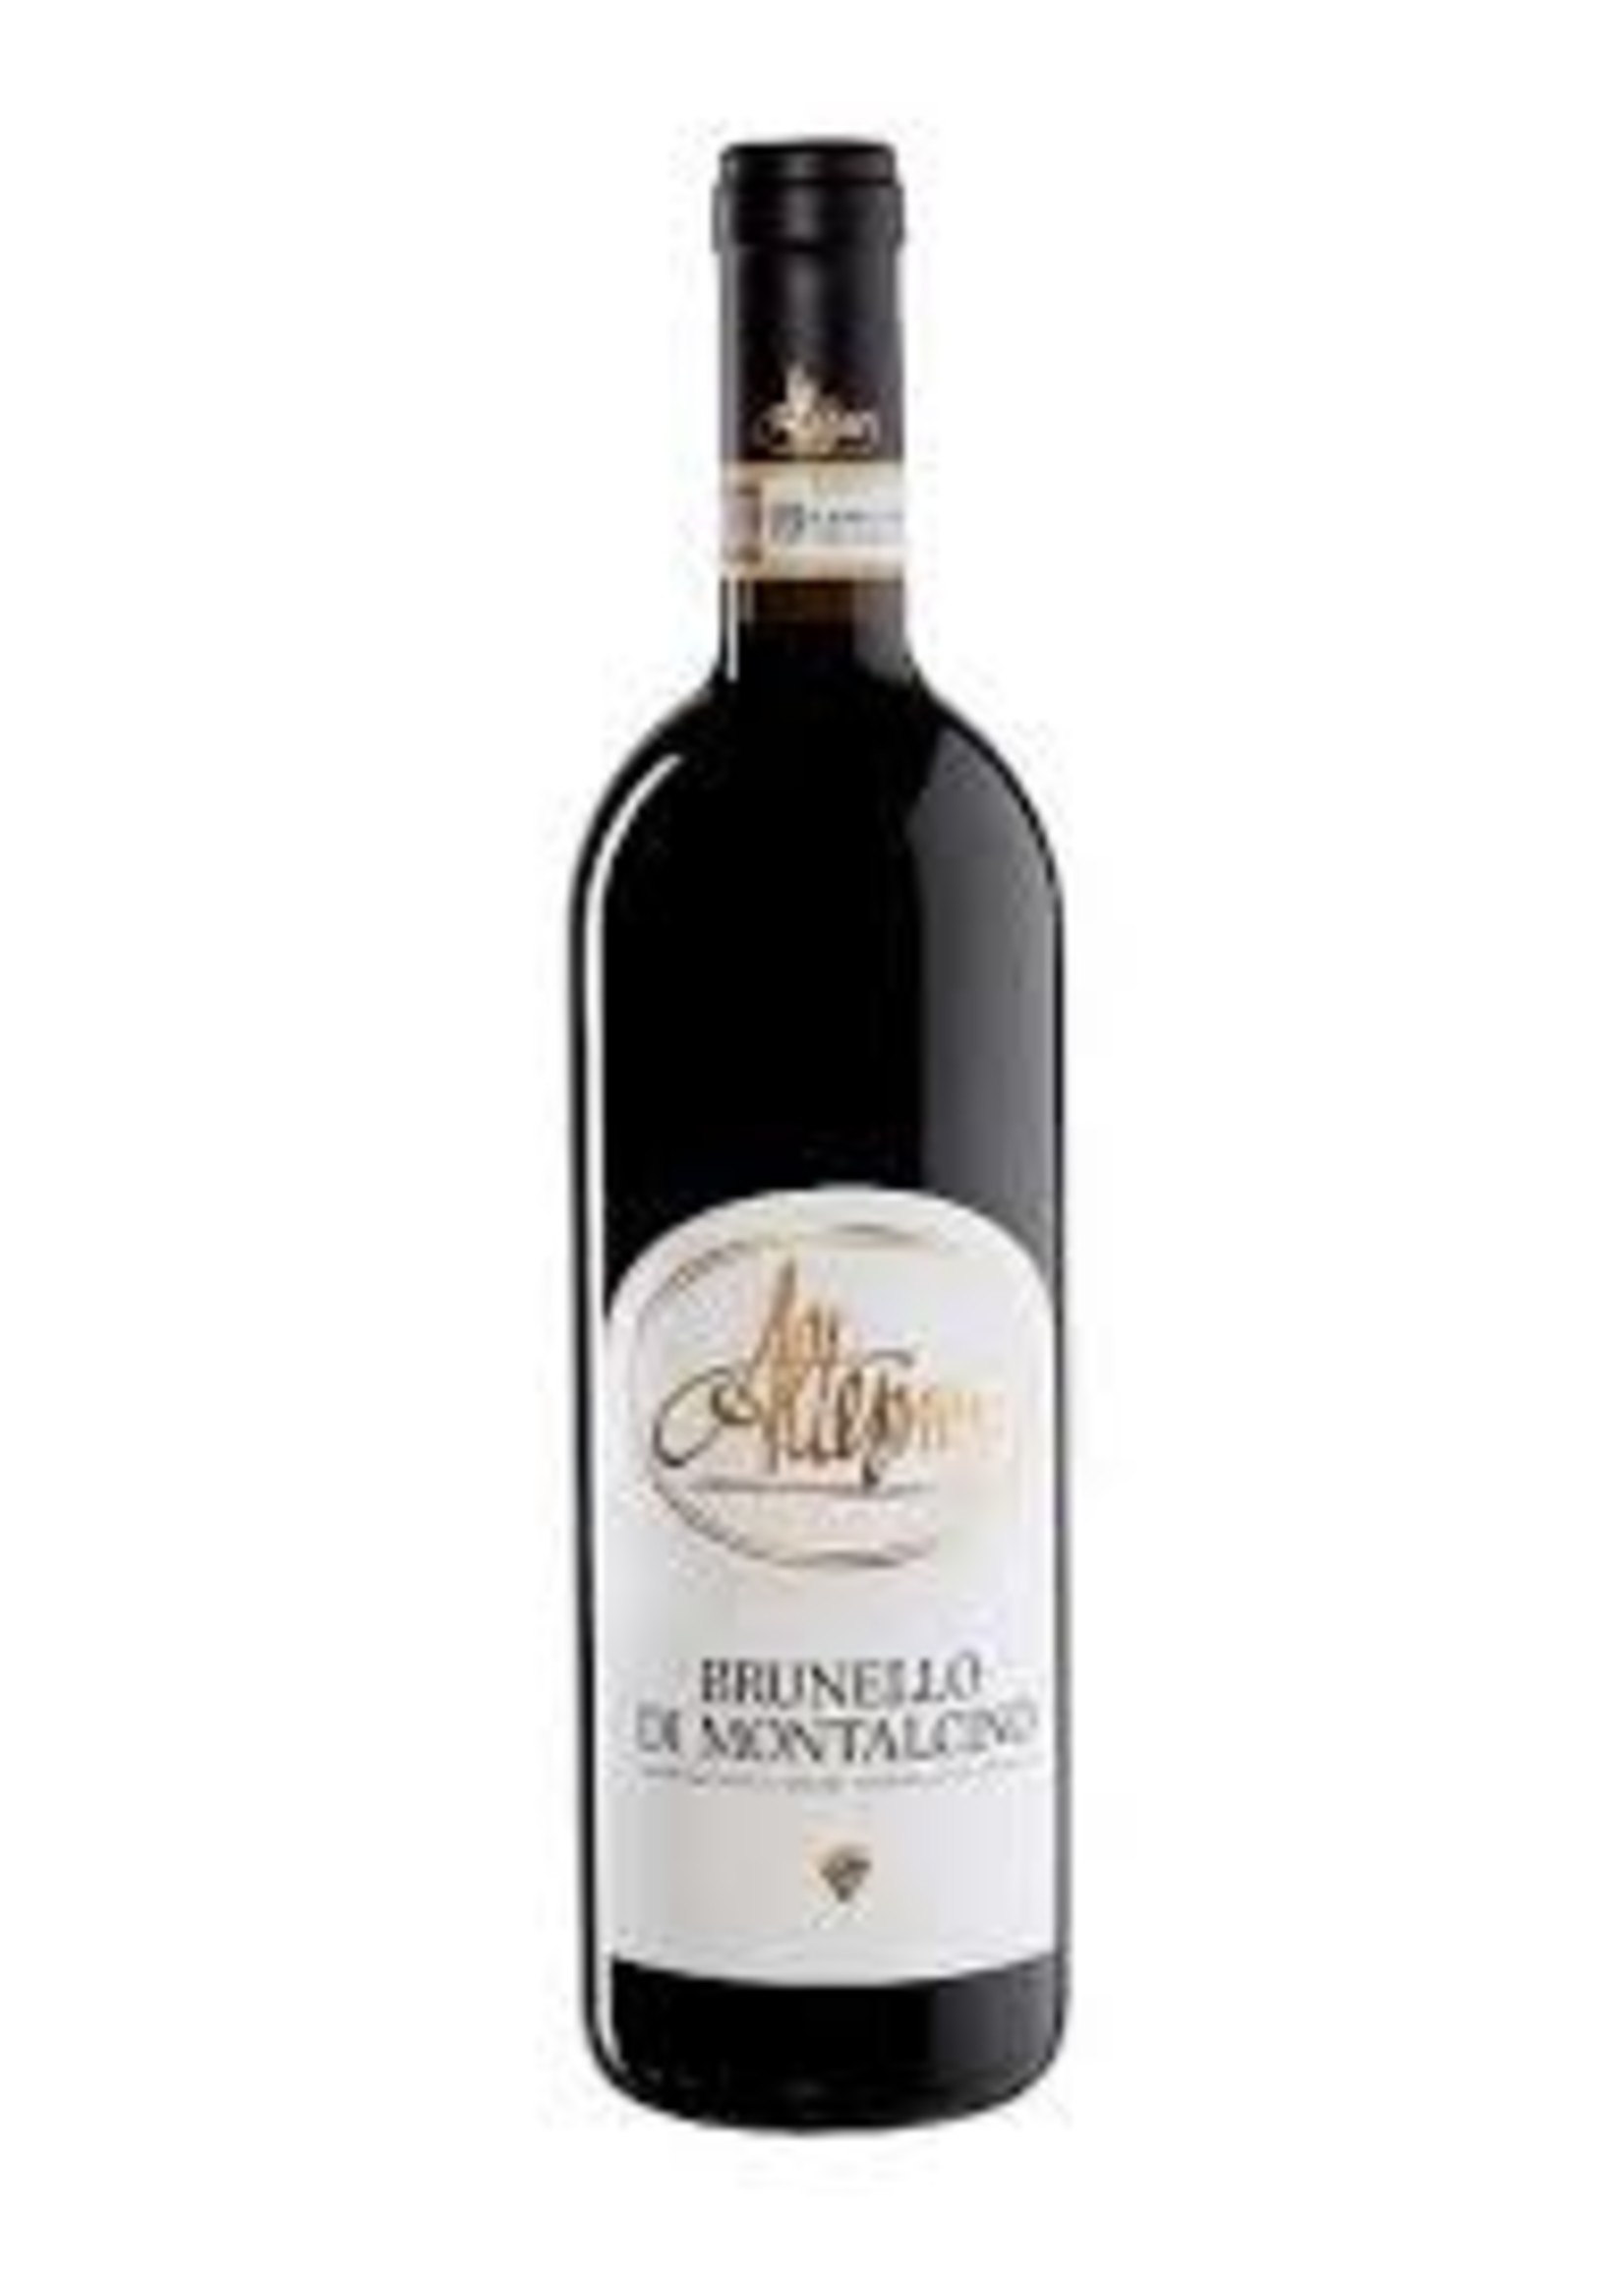 Altesino 2015 Brunello di Montalcino 750ml